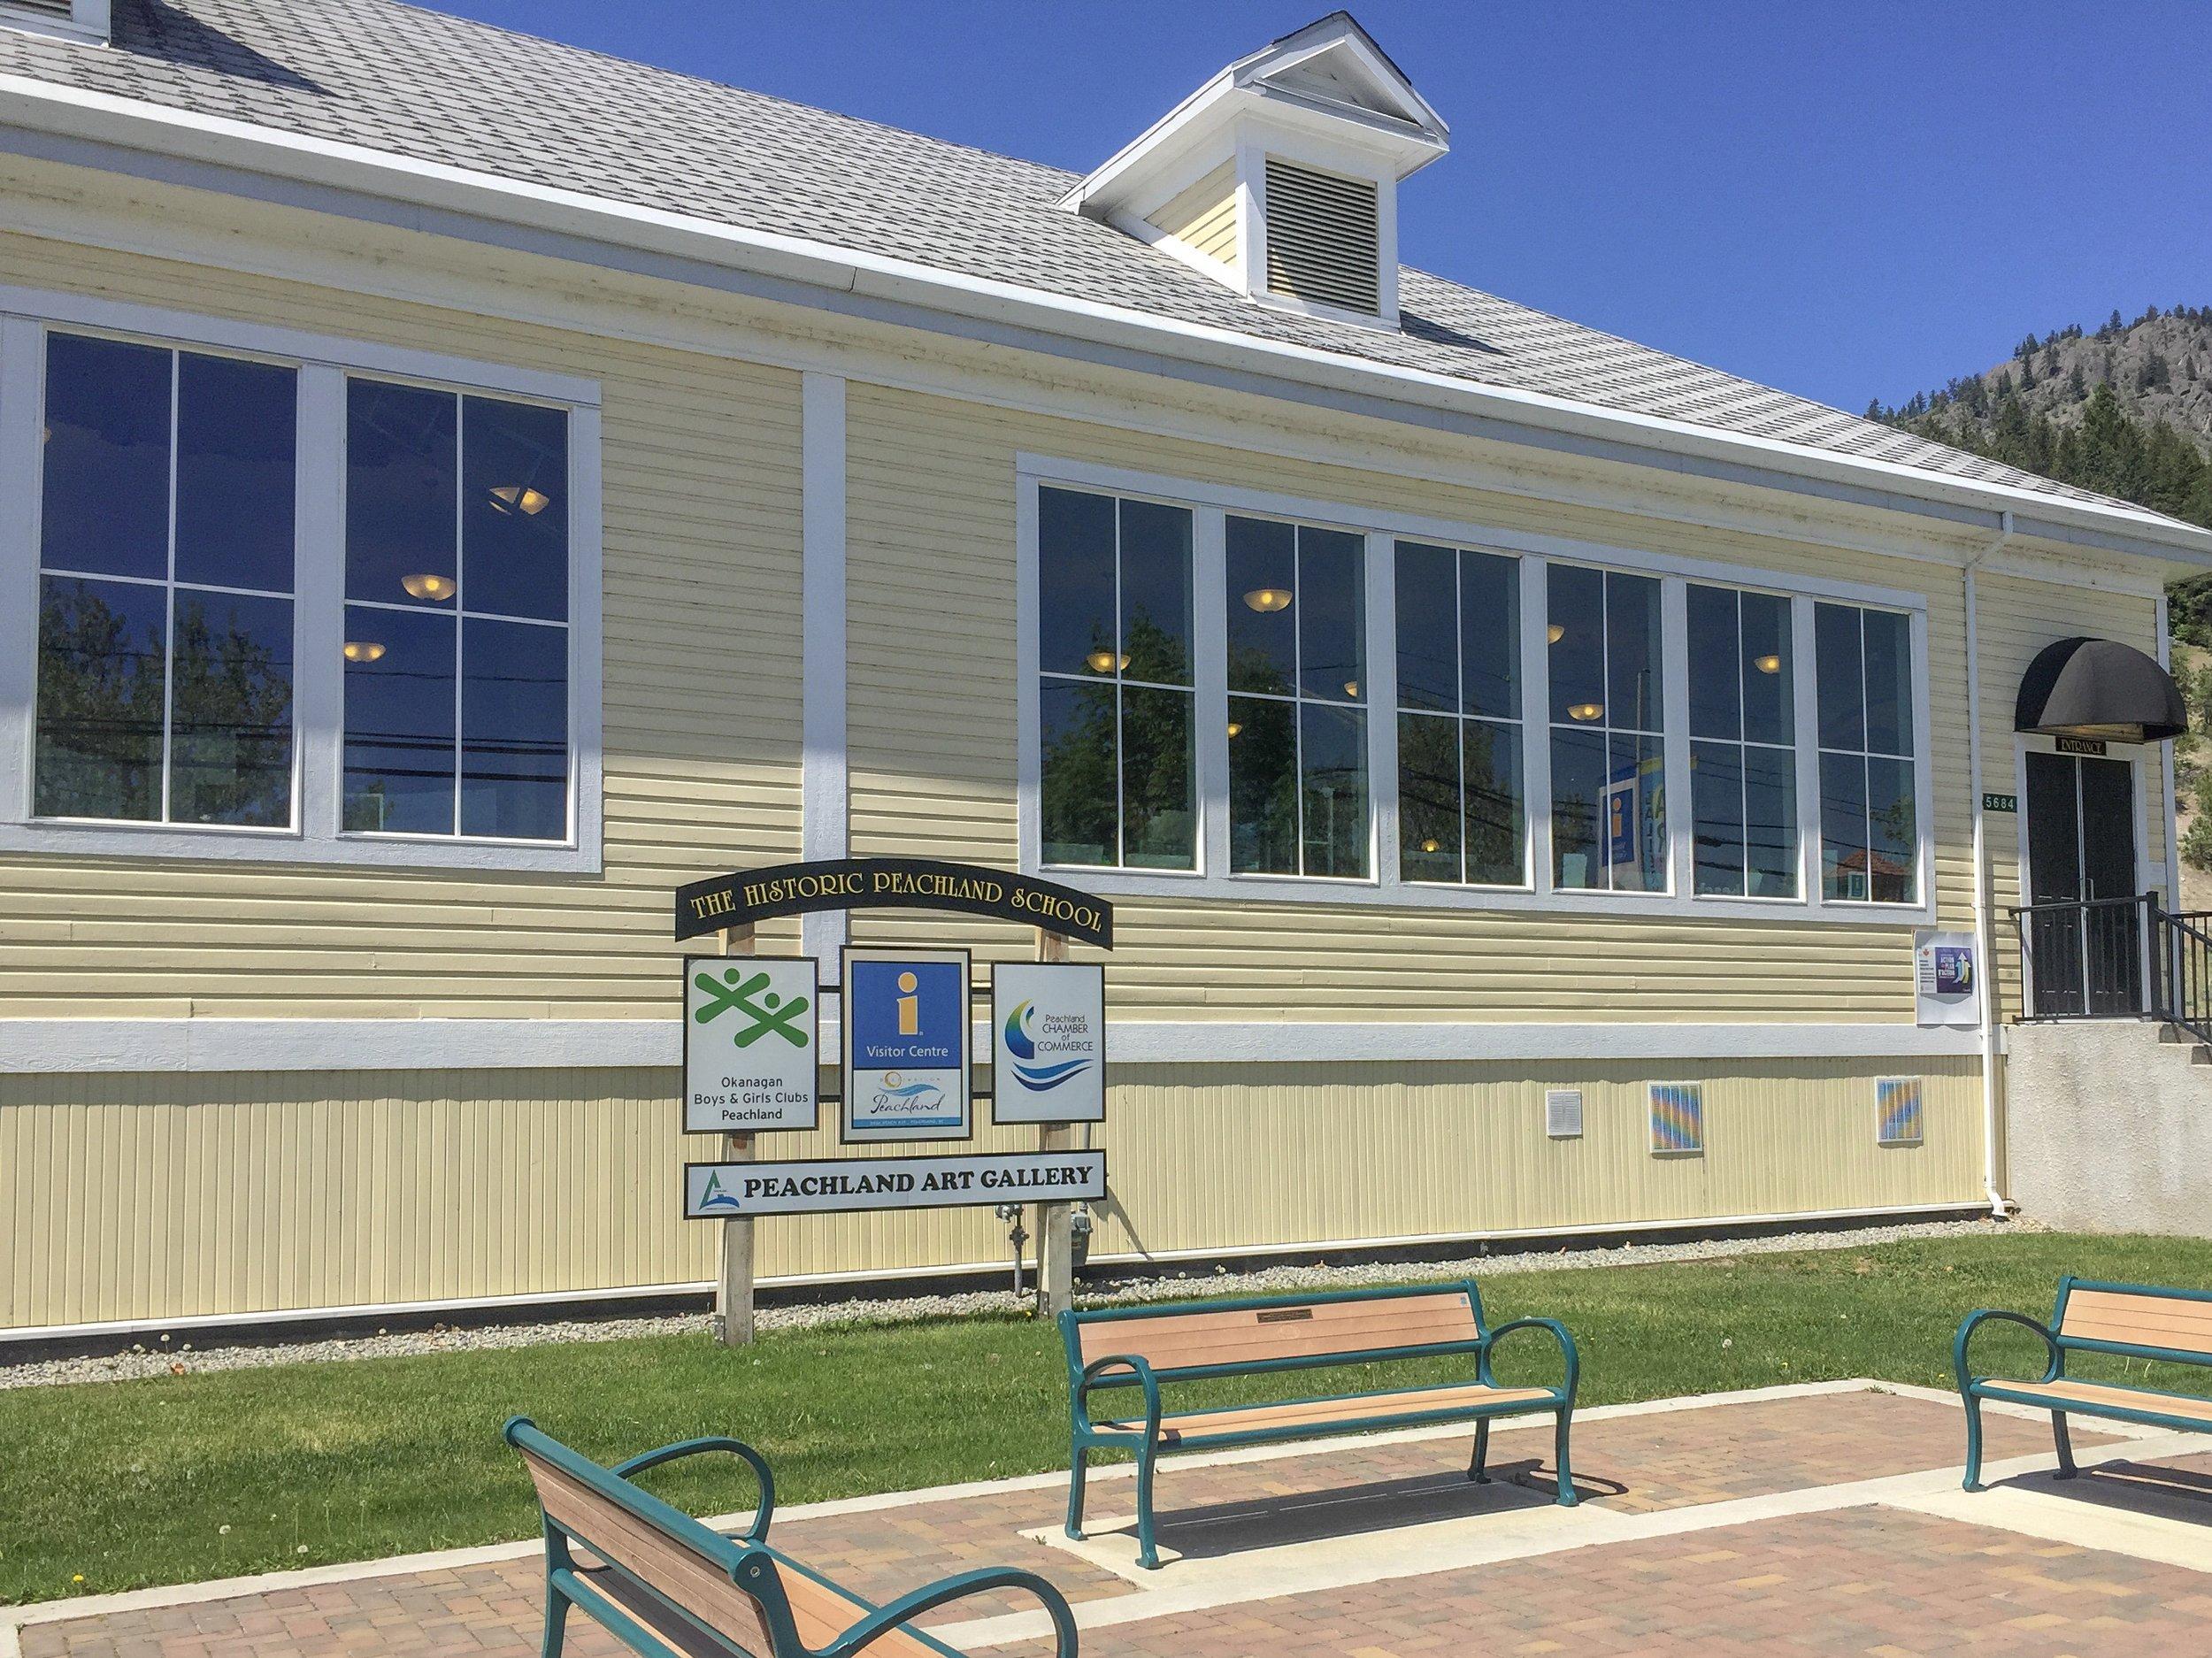 Peachland Art Gallery on Beach Avenue Downtown Peachland Neighbourhood